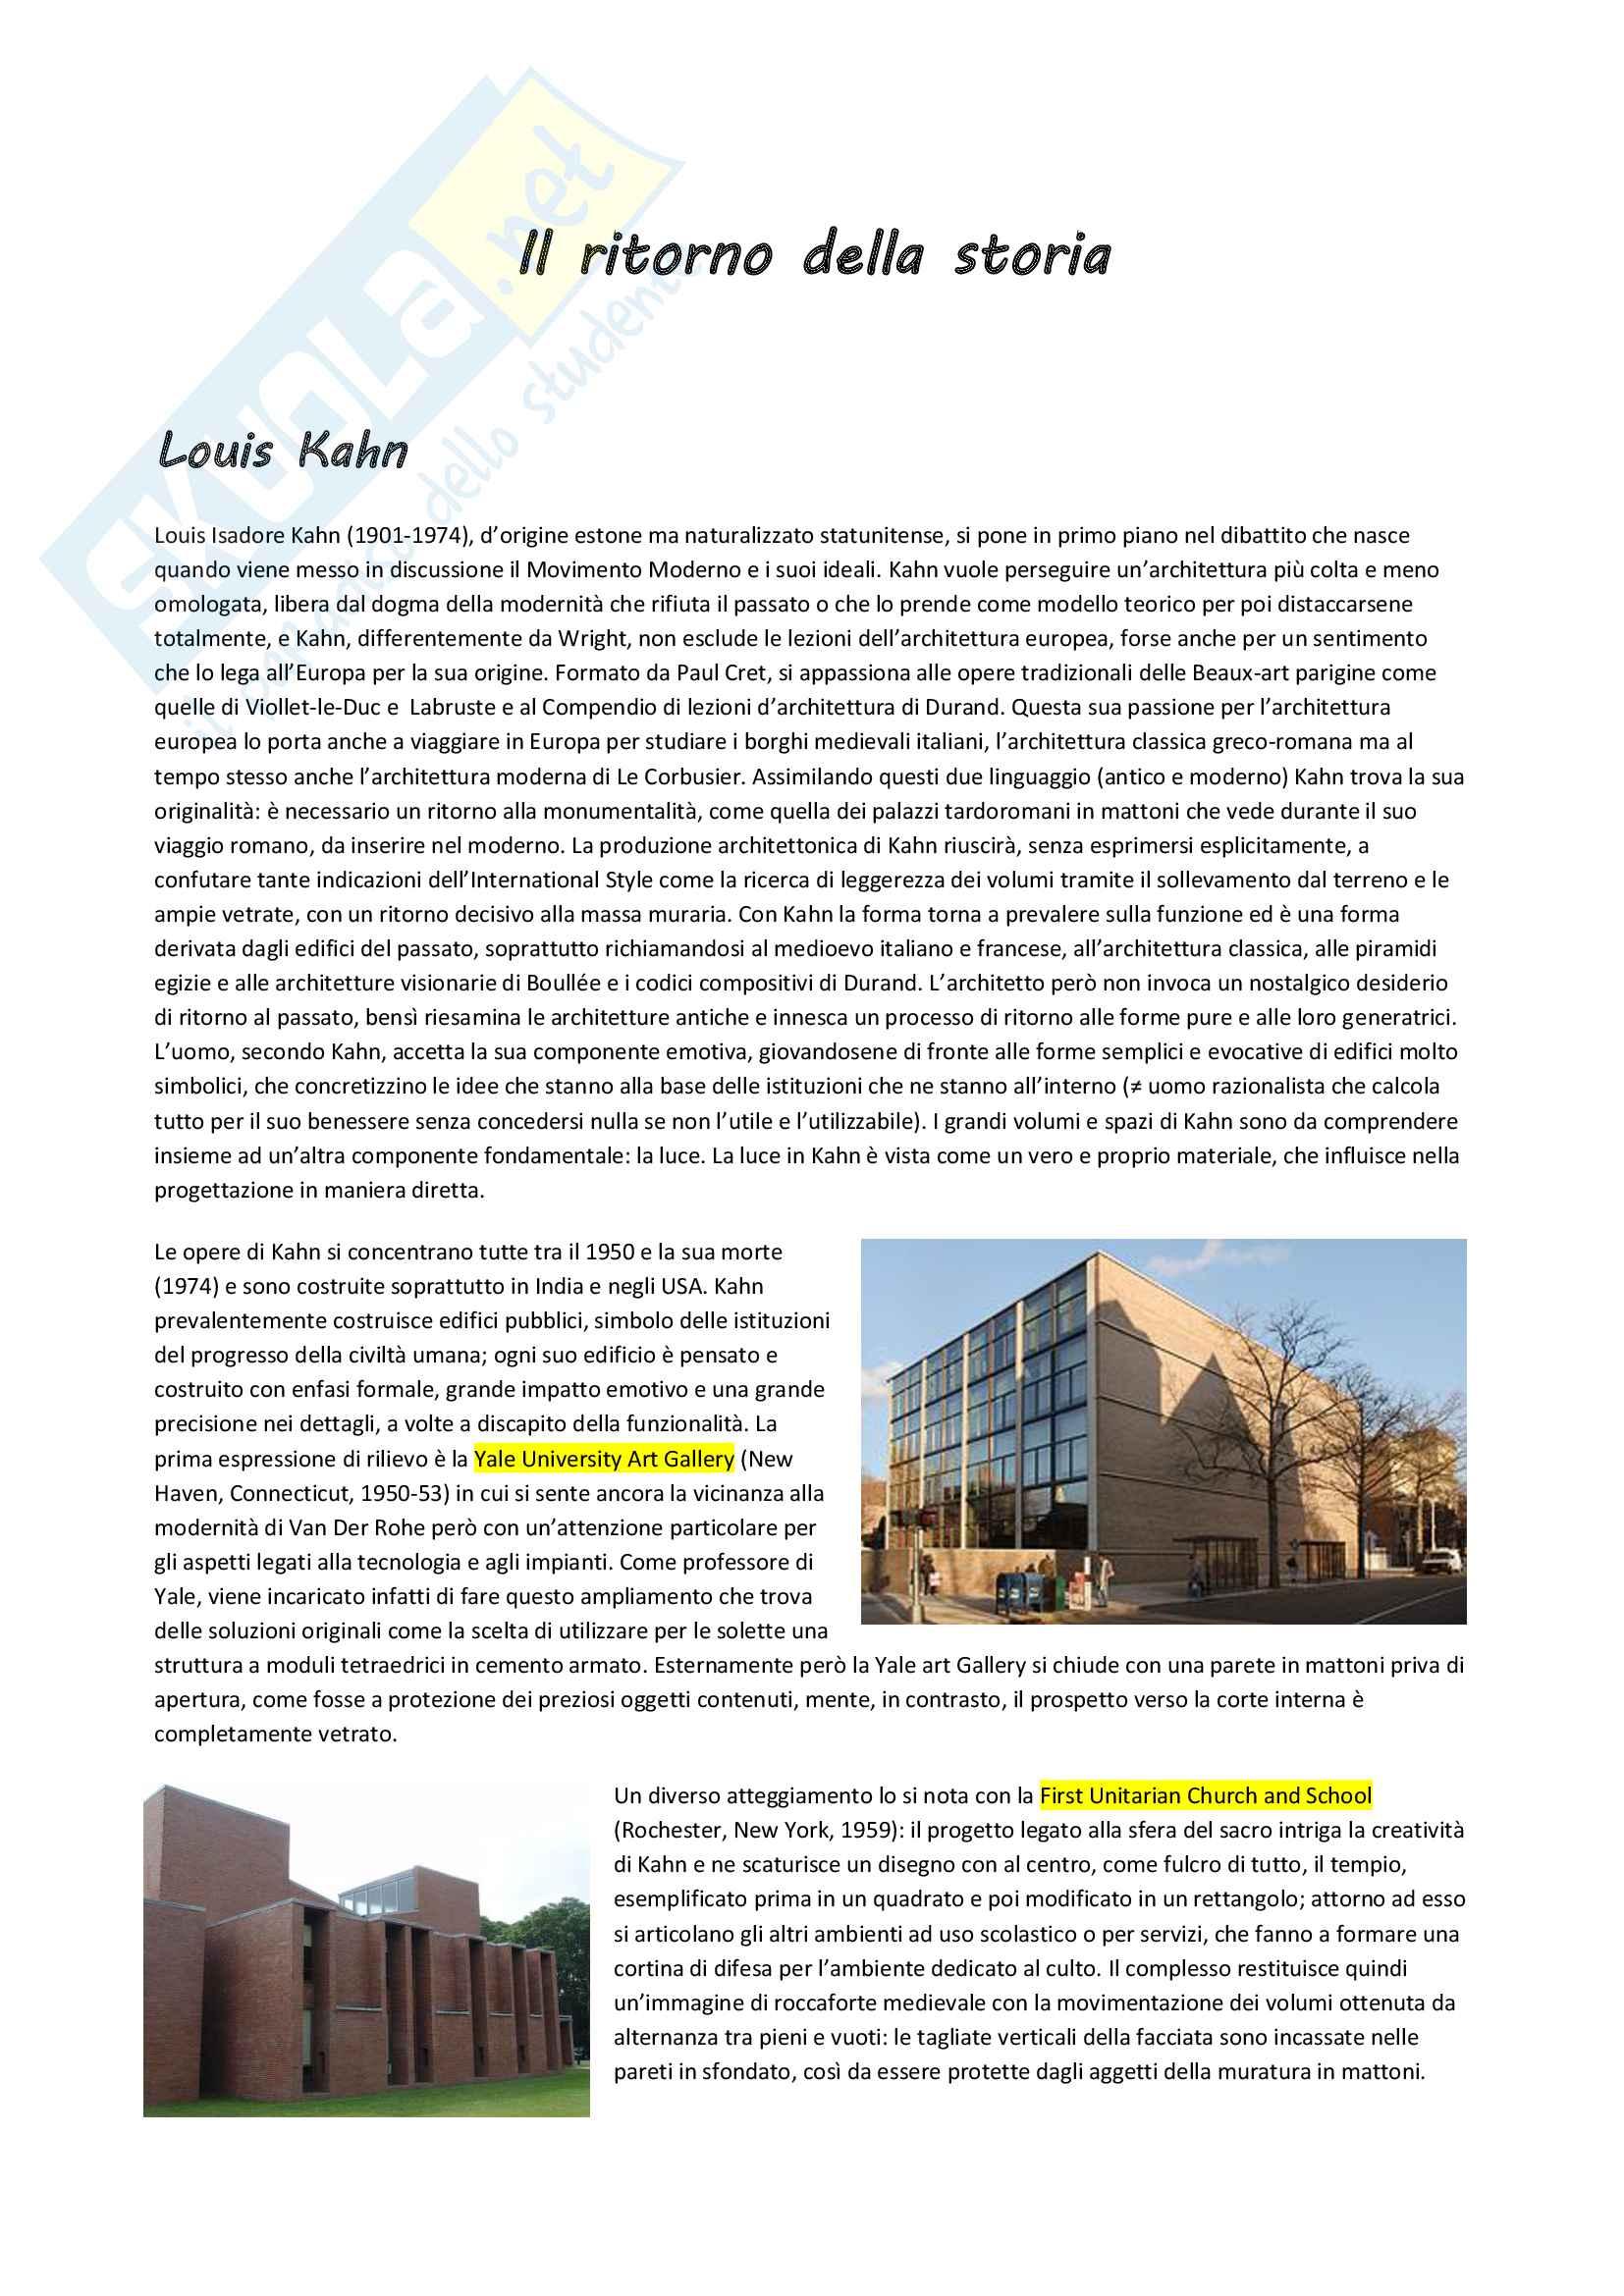 Il ritorno della storia: Louis Kahn, Robert Venturi, Aldo Rossi, Mario Botta e il Postmodern